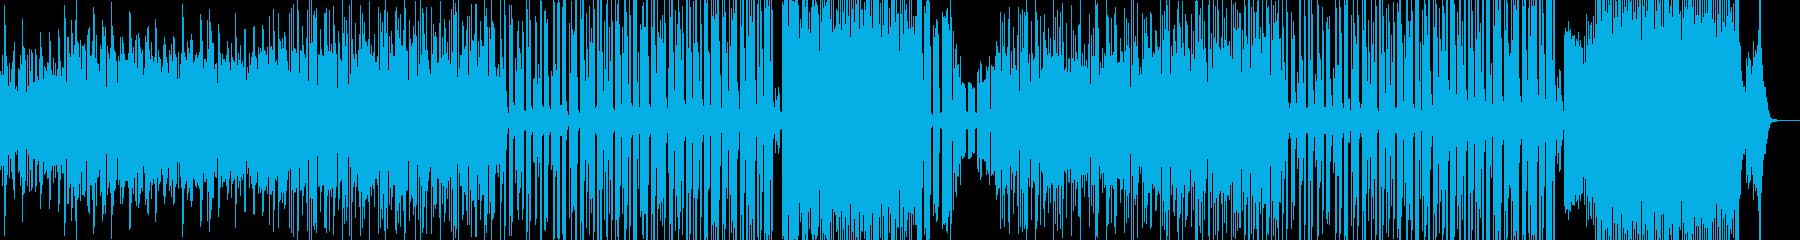 面白生物イメージのギャグテイストBGMの再生済みの波形